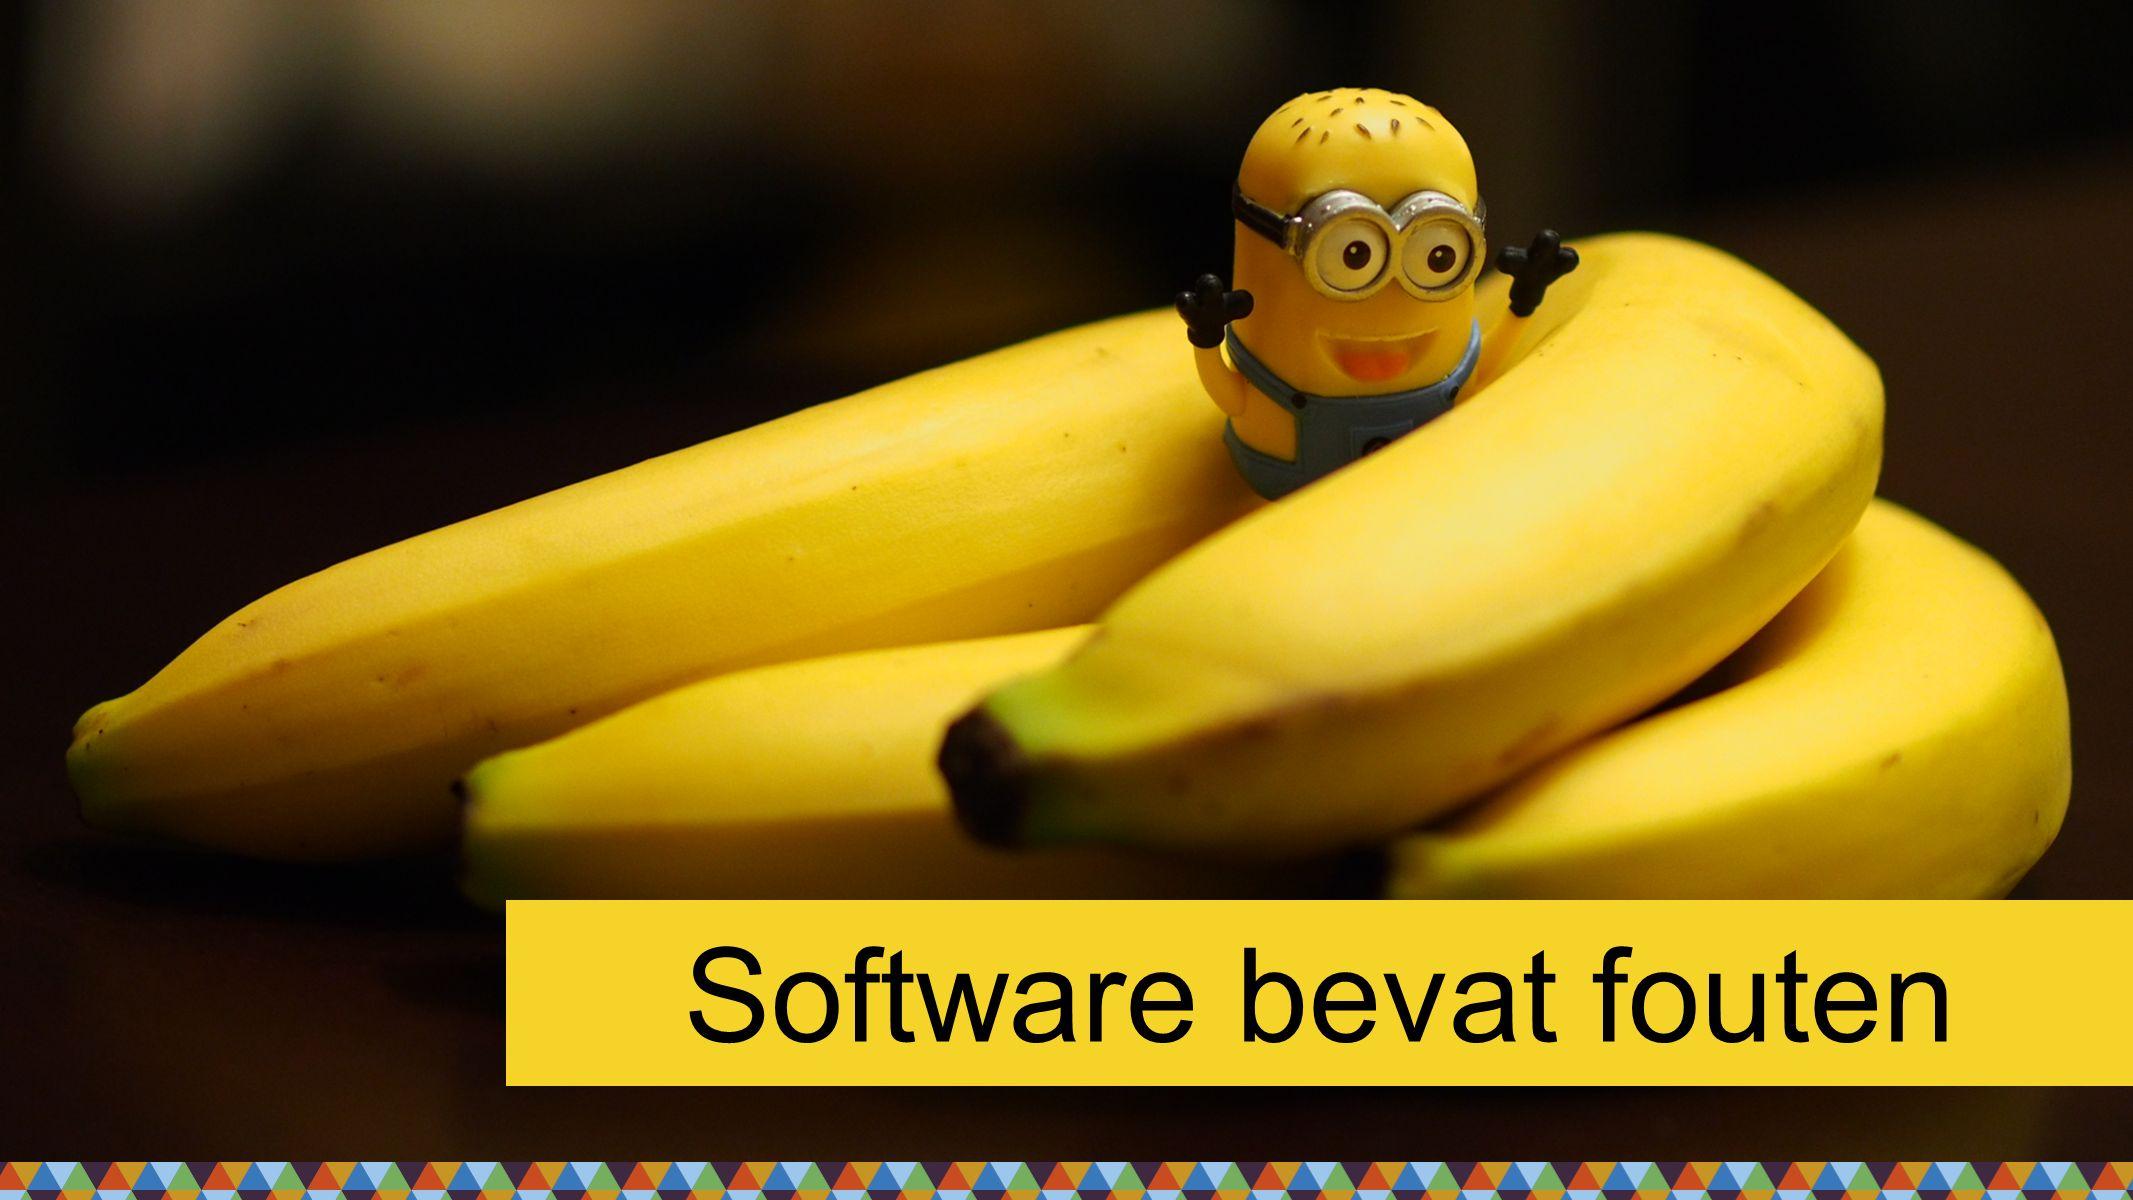 Software bevat fouten